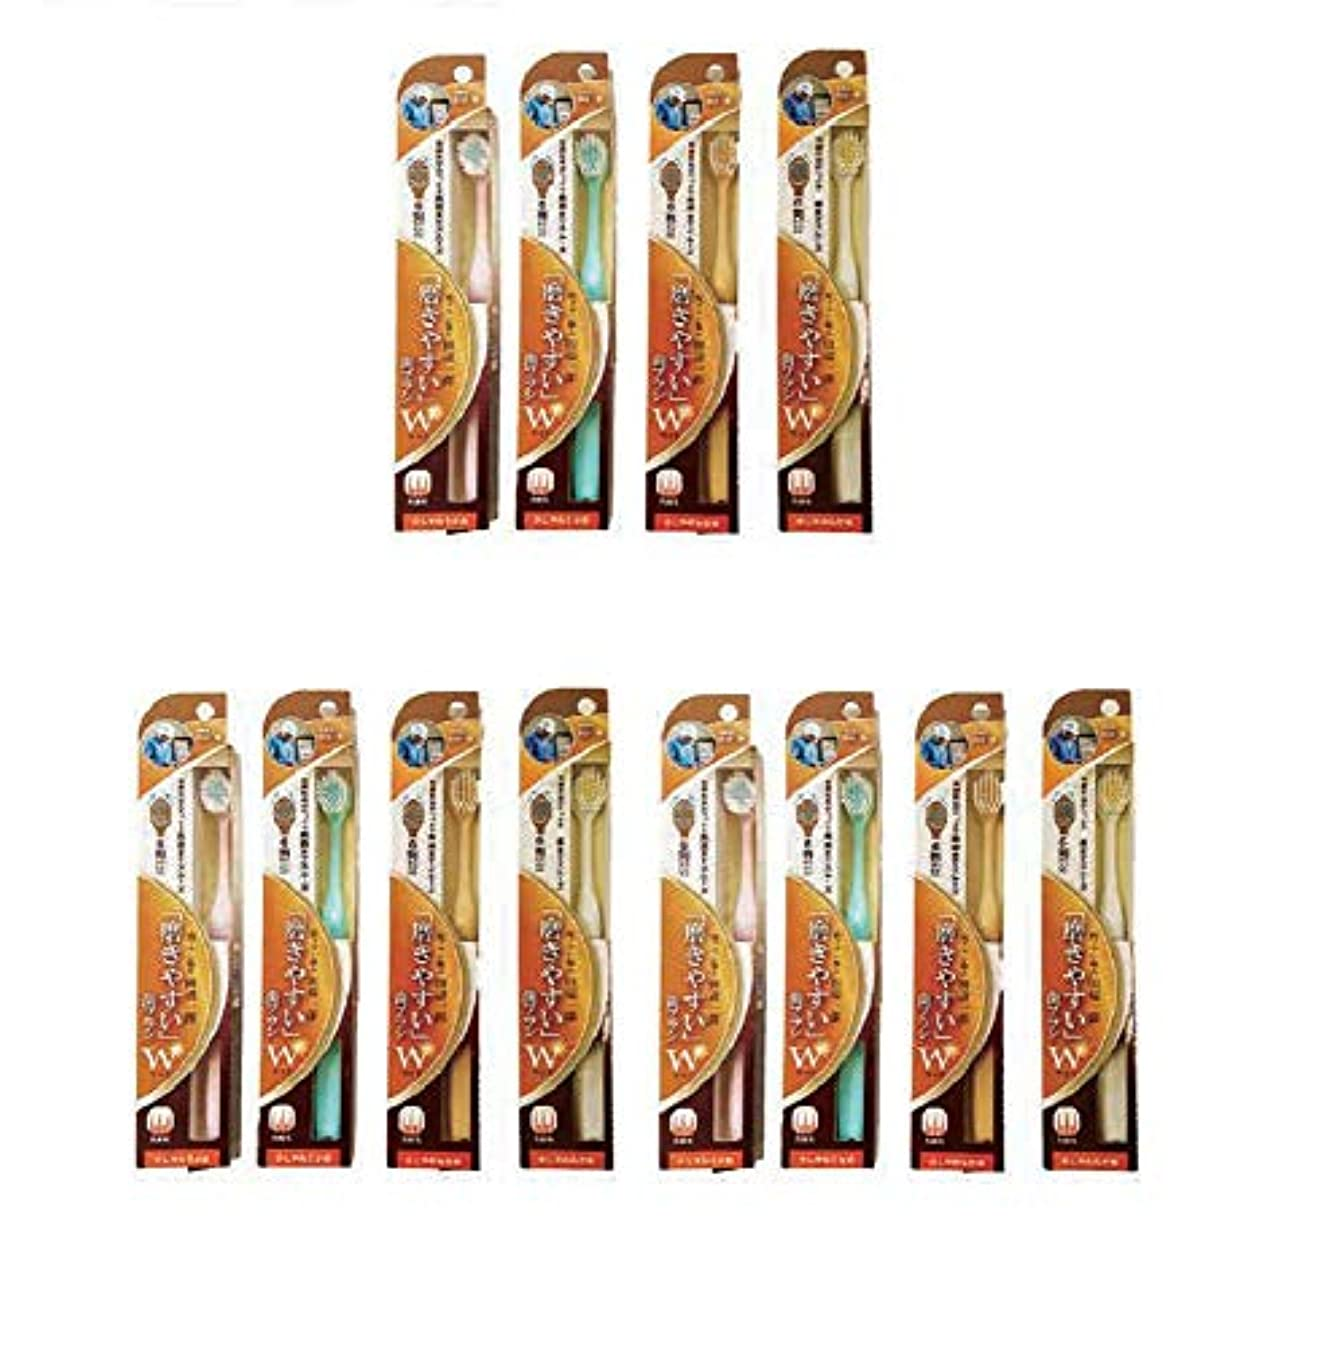 ポテト手段つまずくライフレンジ 磨きやすい歯ブラシ 6列ワイドタイプ(少しやわらかめ) LT-46×12本セット